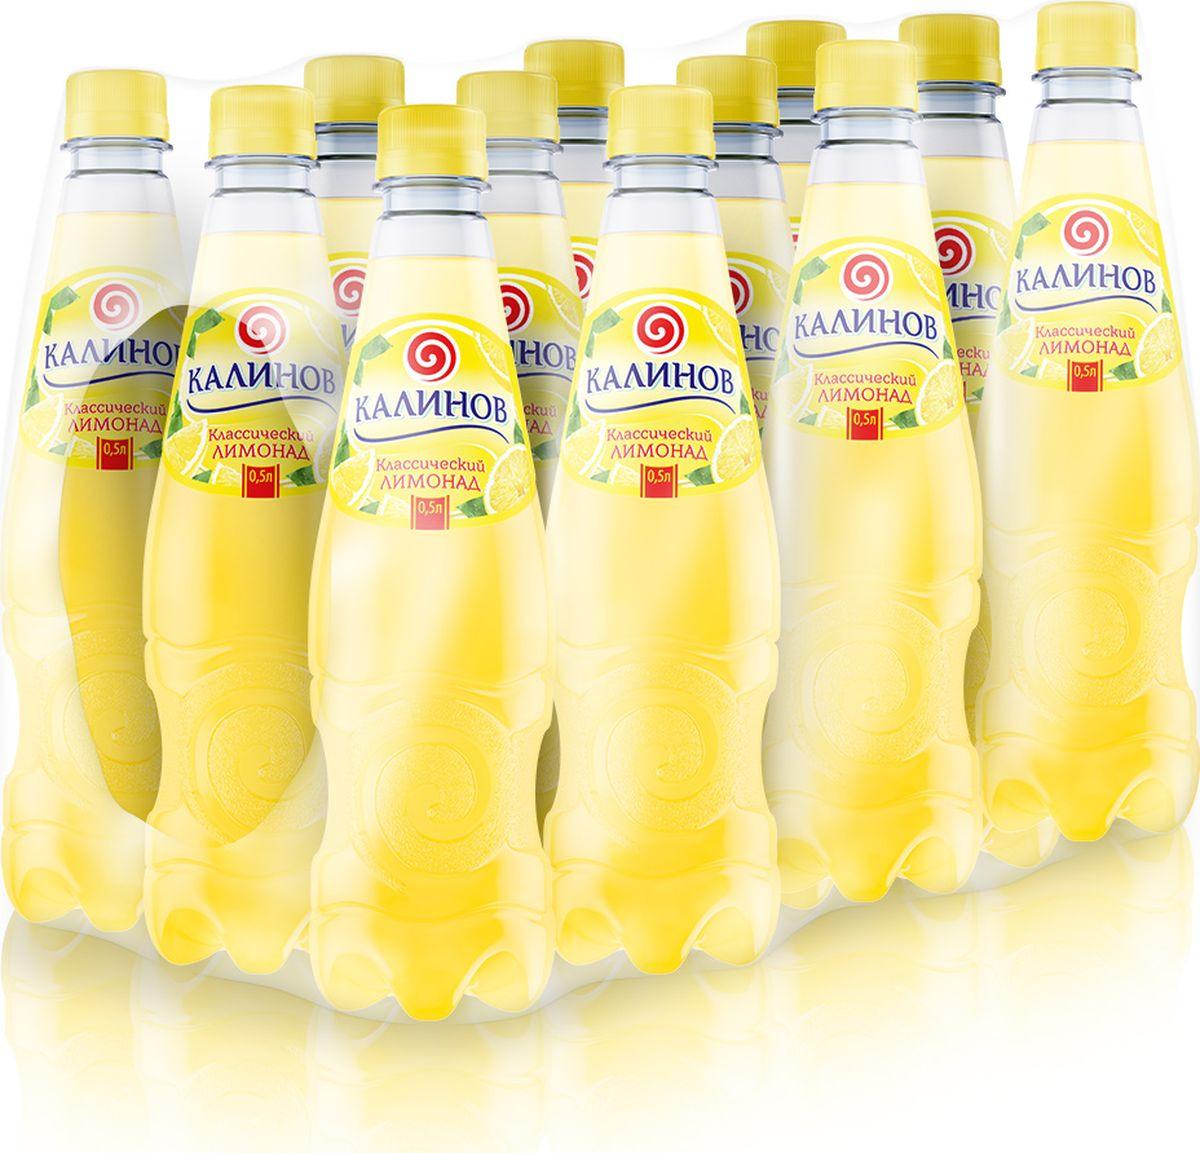 Калинов Лимонад классический, 12 шт по 0,5 л калинов лимонад сказочный ключик 12 шт по 0 5 л